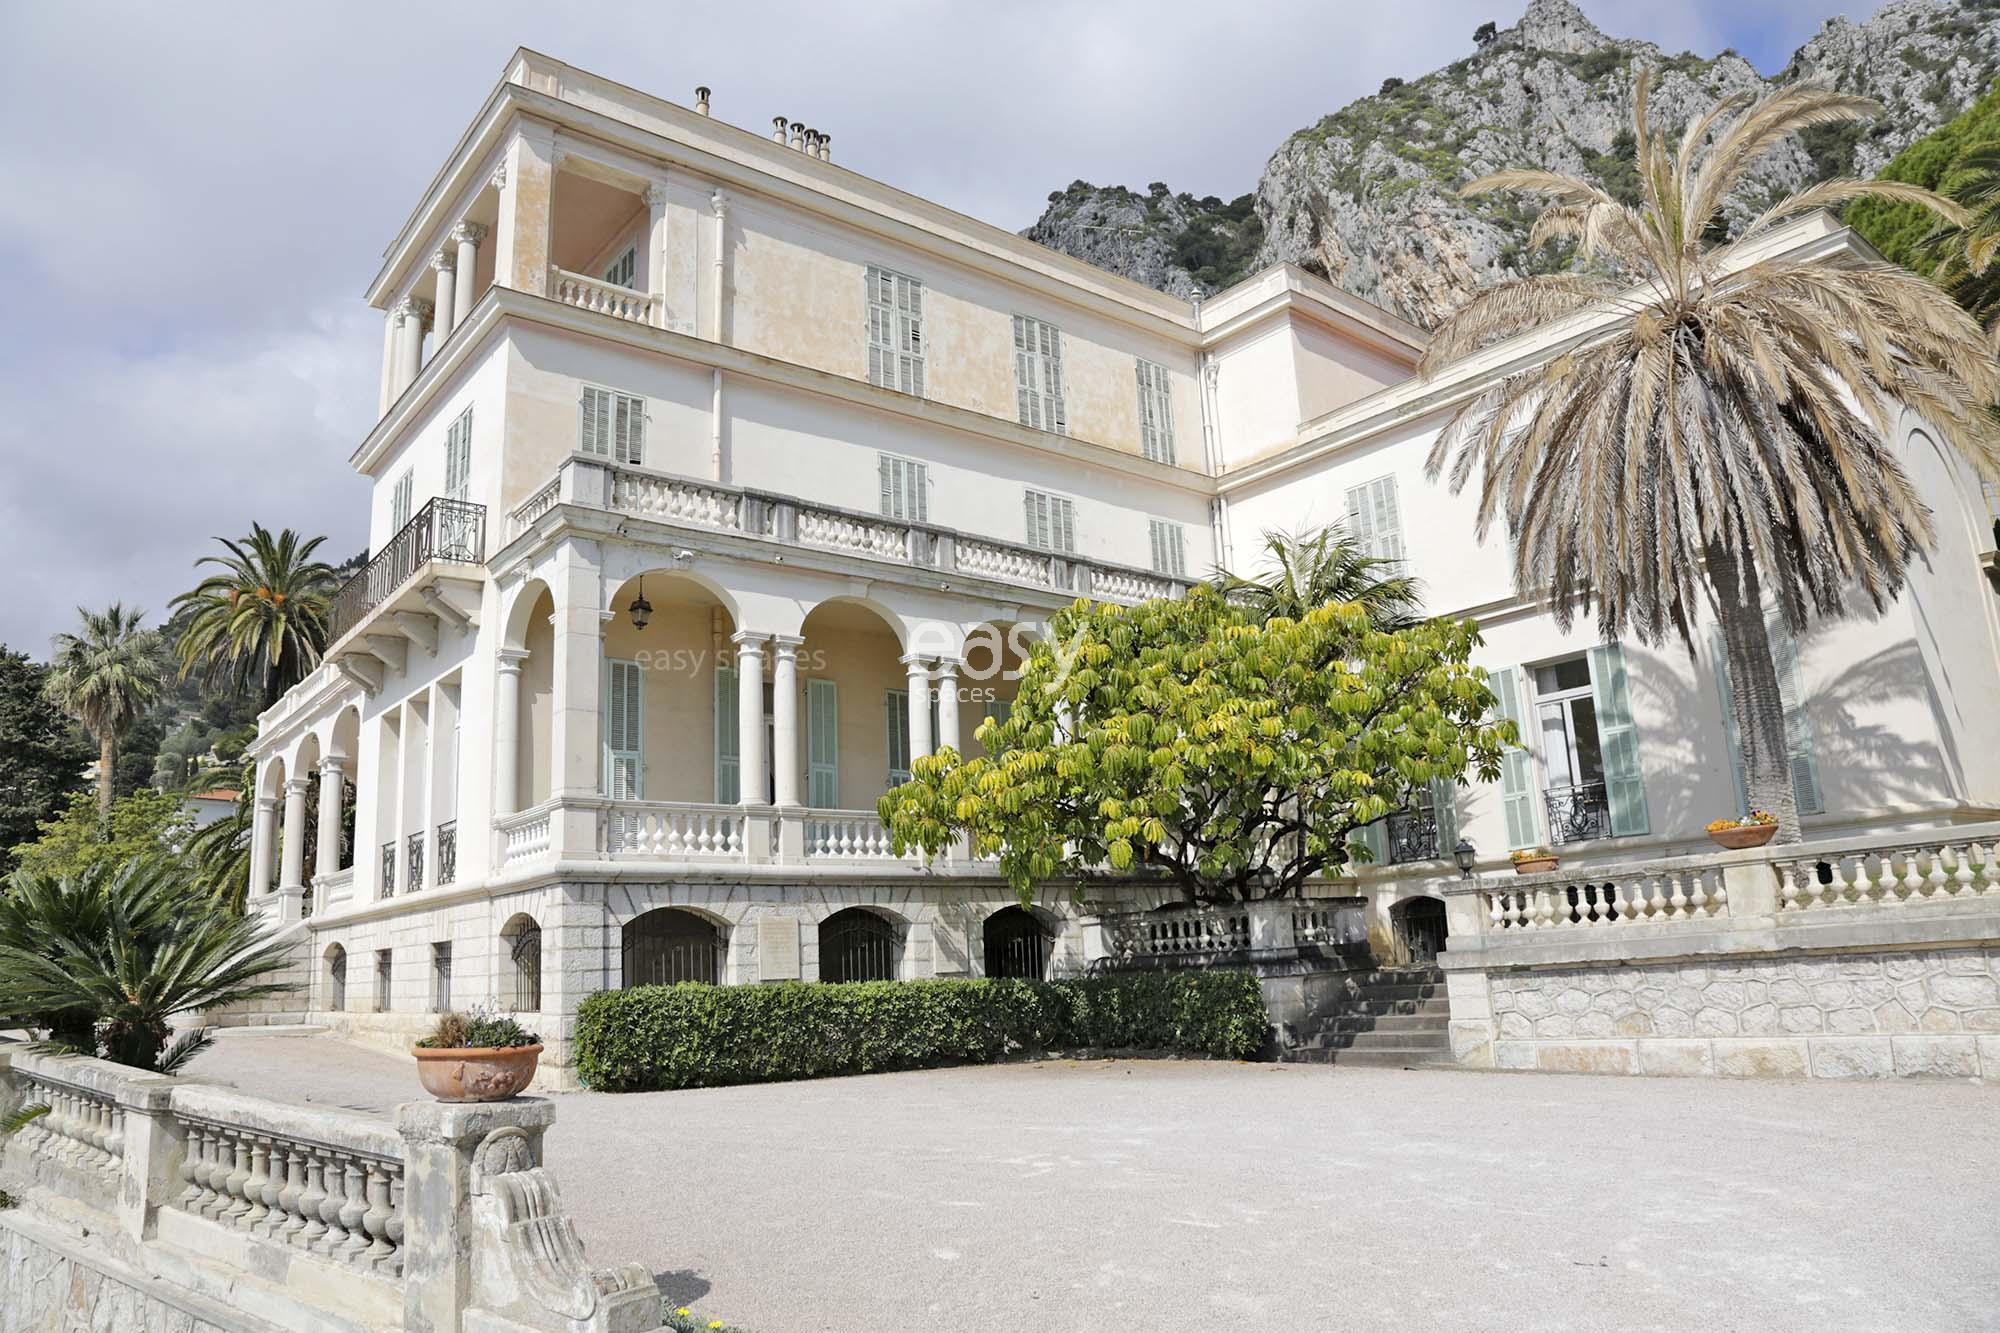 Villa belle epoque pour tournages photos et v nements for Antieke bouwmaterialen maison belle epoque